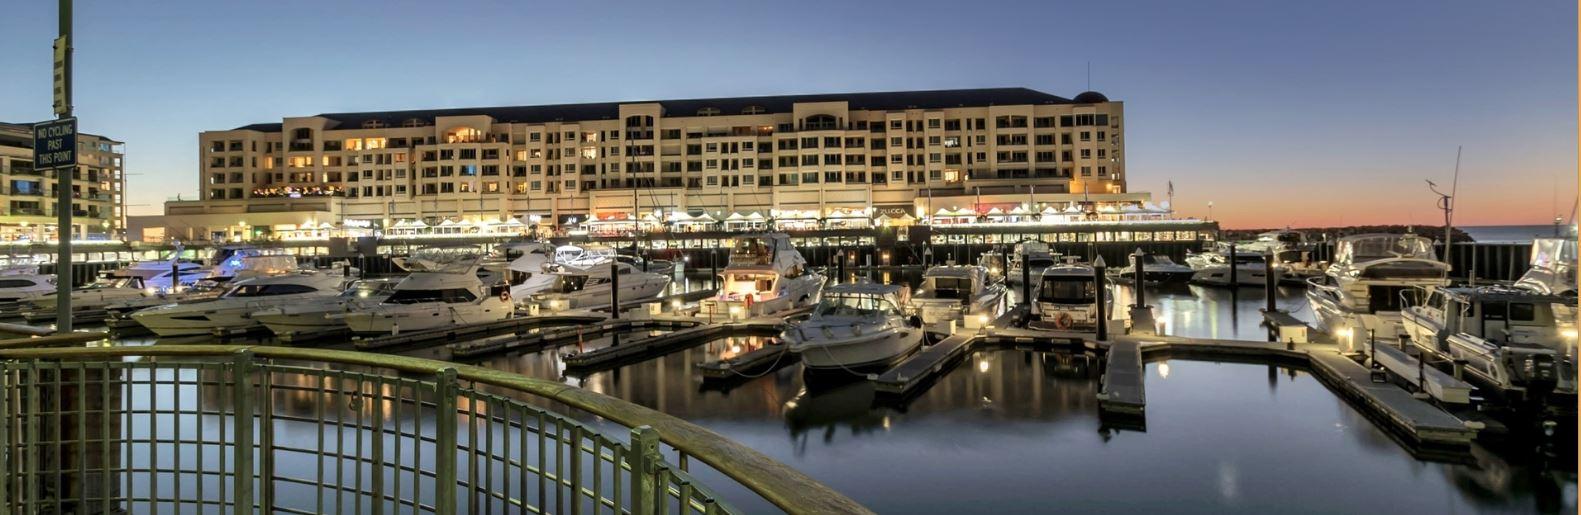 Holdfast Shores Marina, Glenelg   $425,000   0419700091